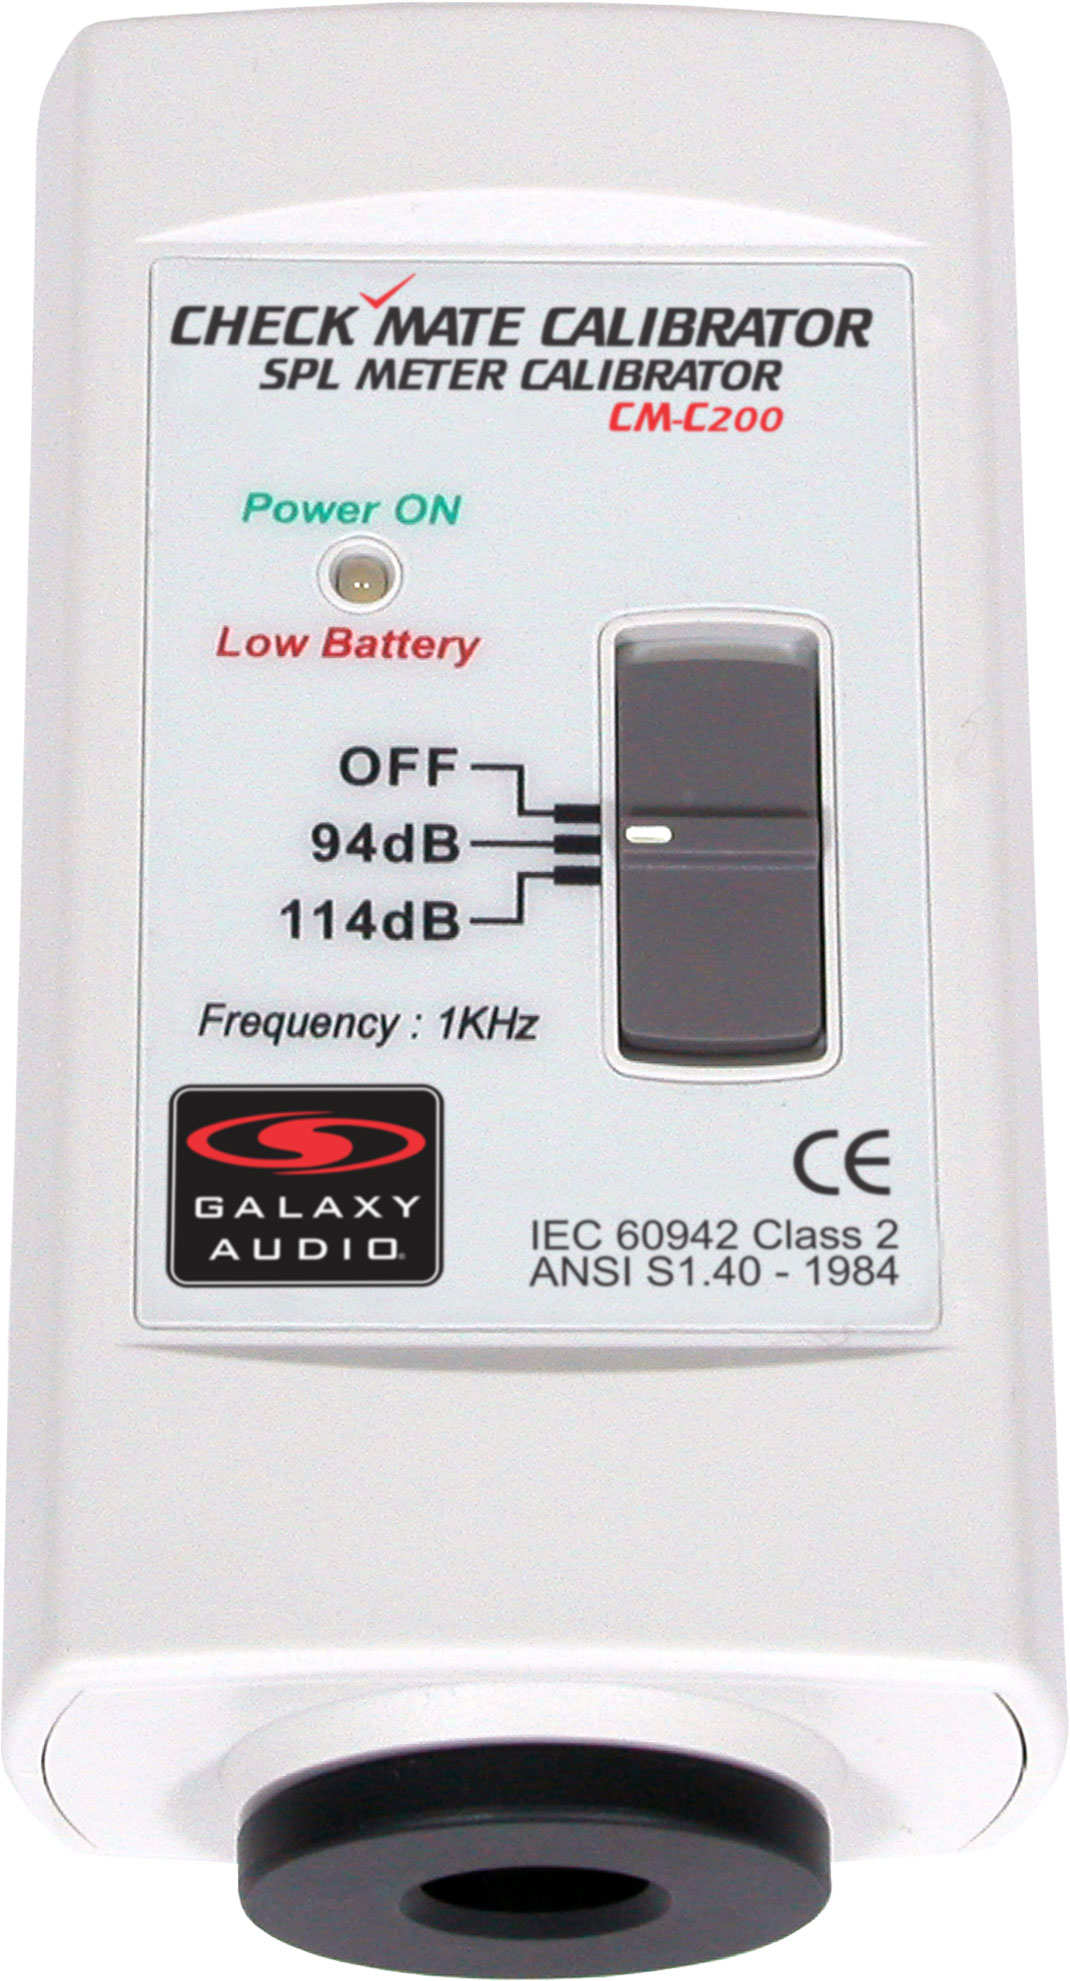 Galaxy Audio Cm C200 Spl Meter Power Calibrator